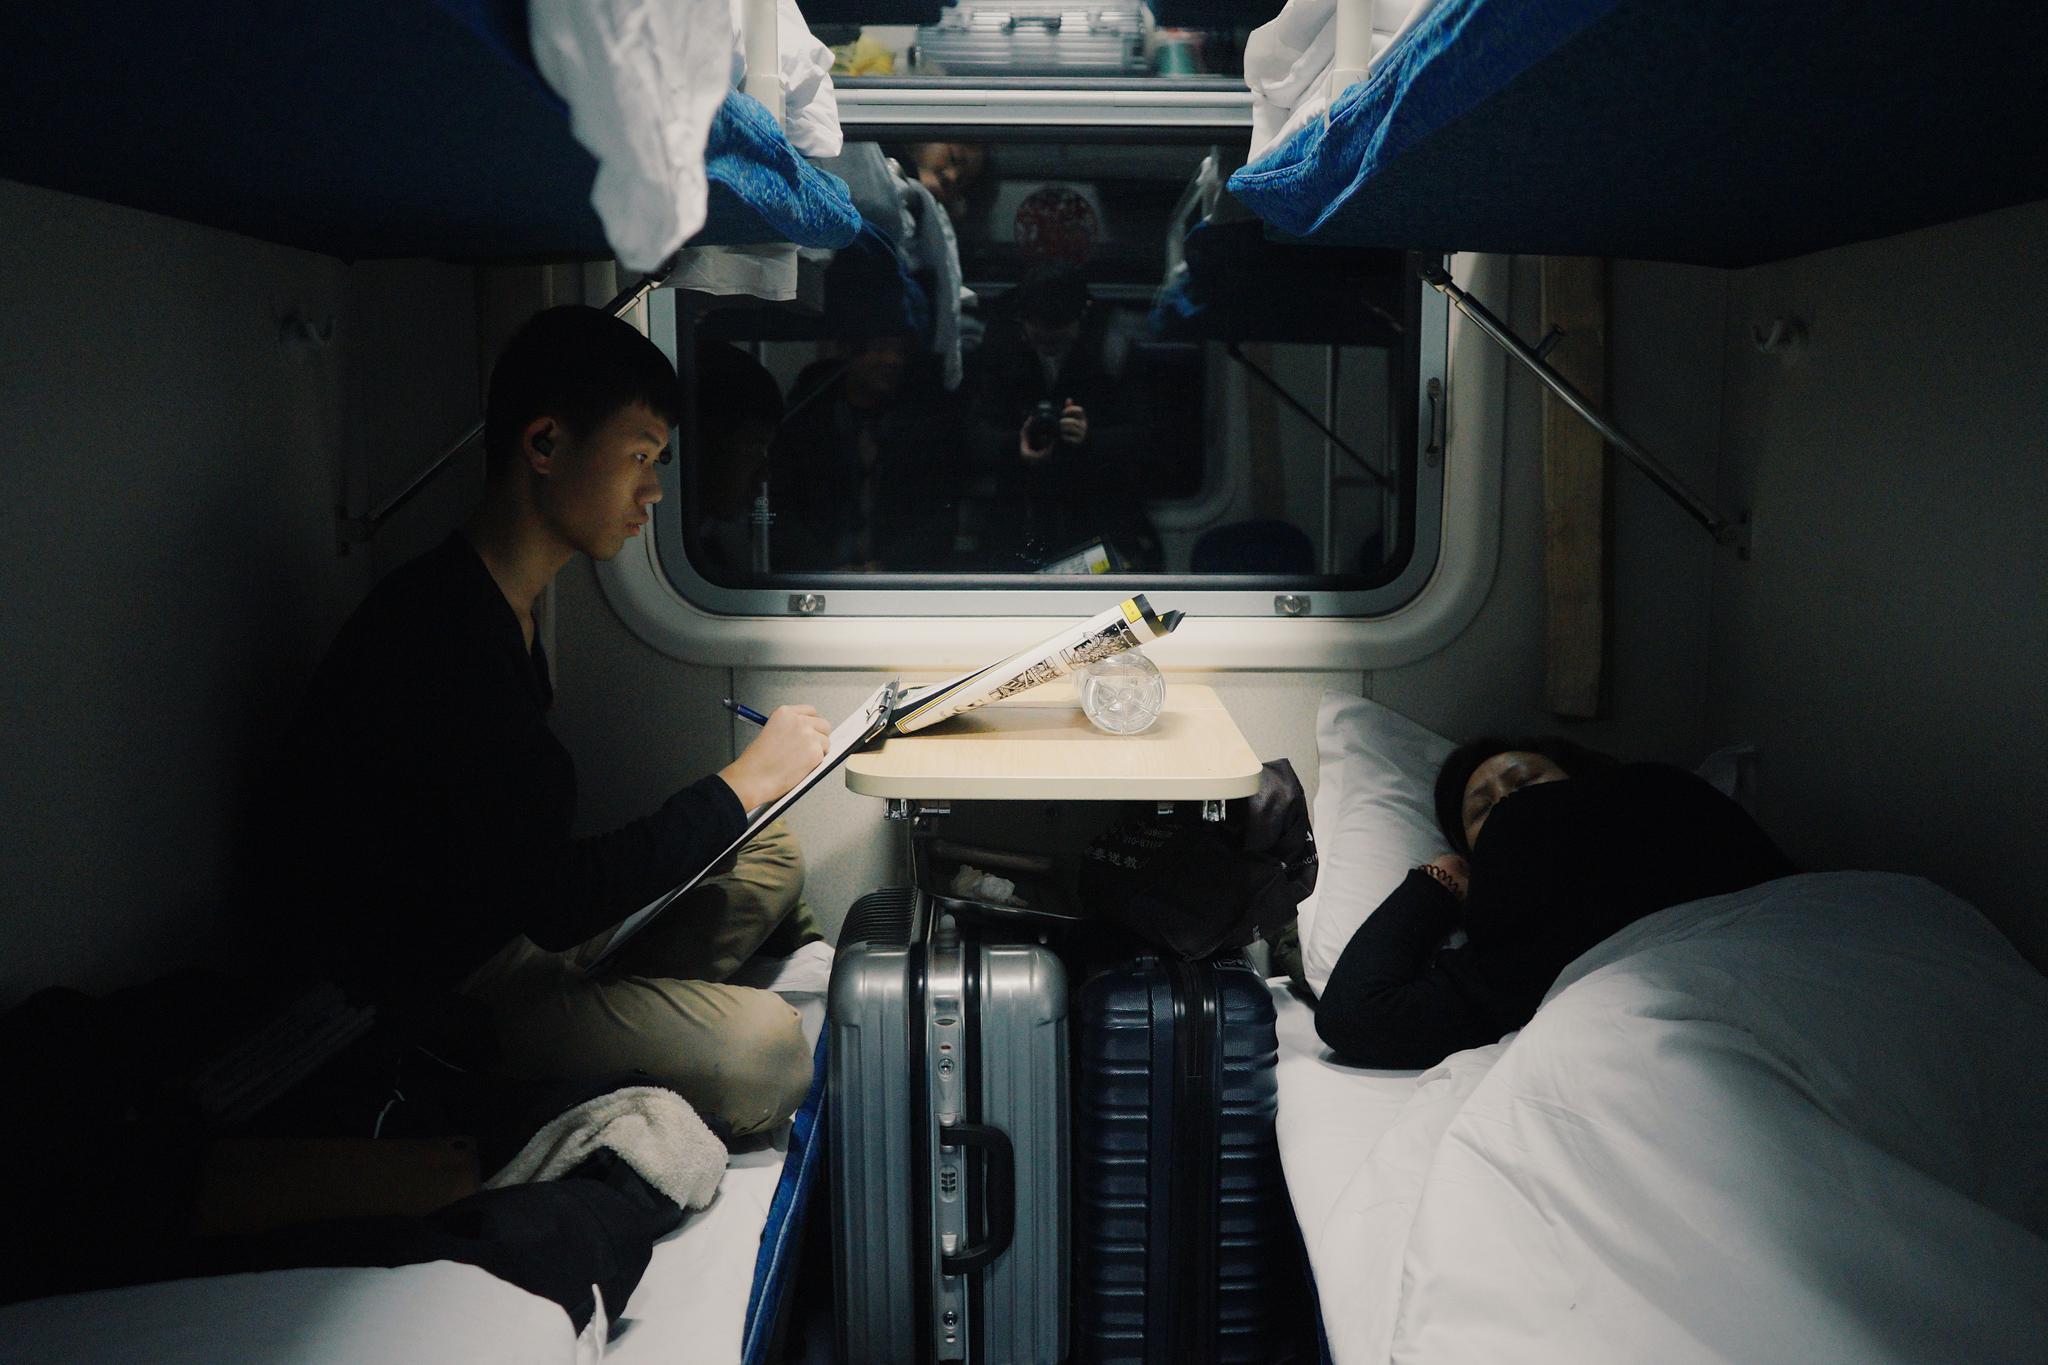 火车硬卧车厢内部图片